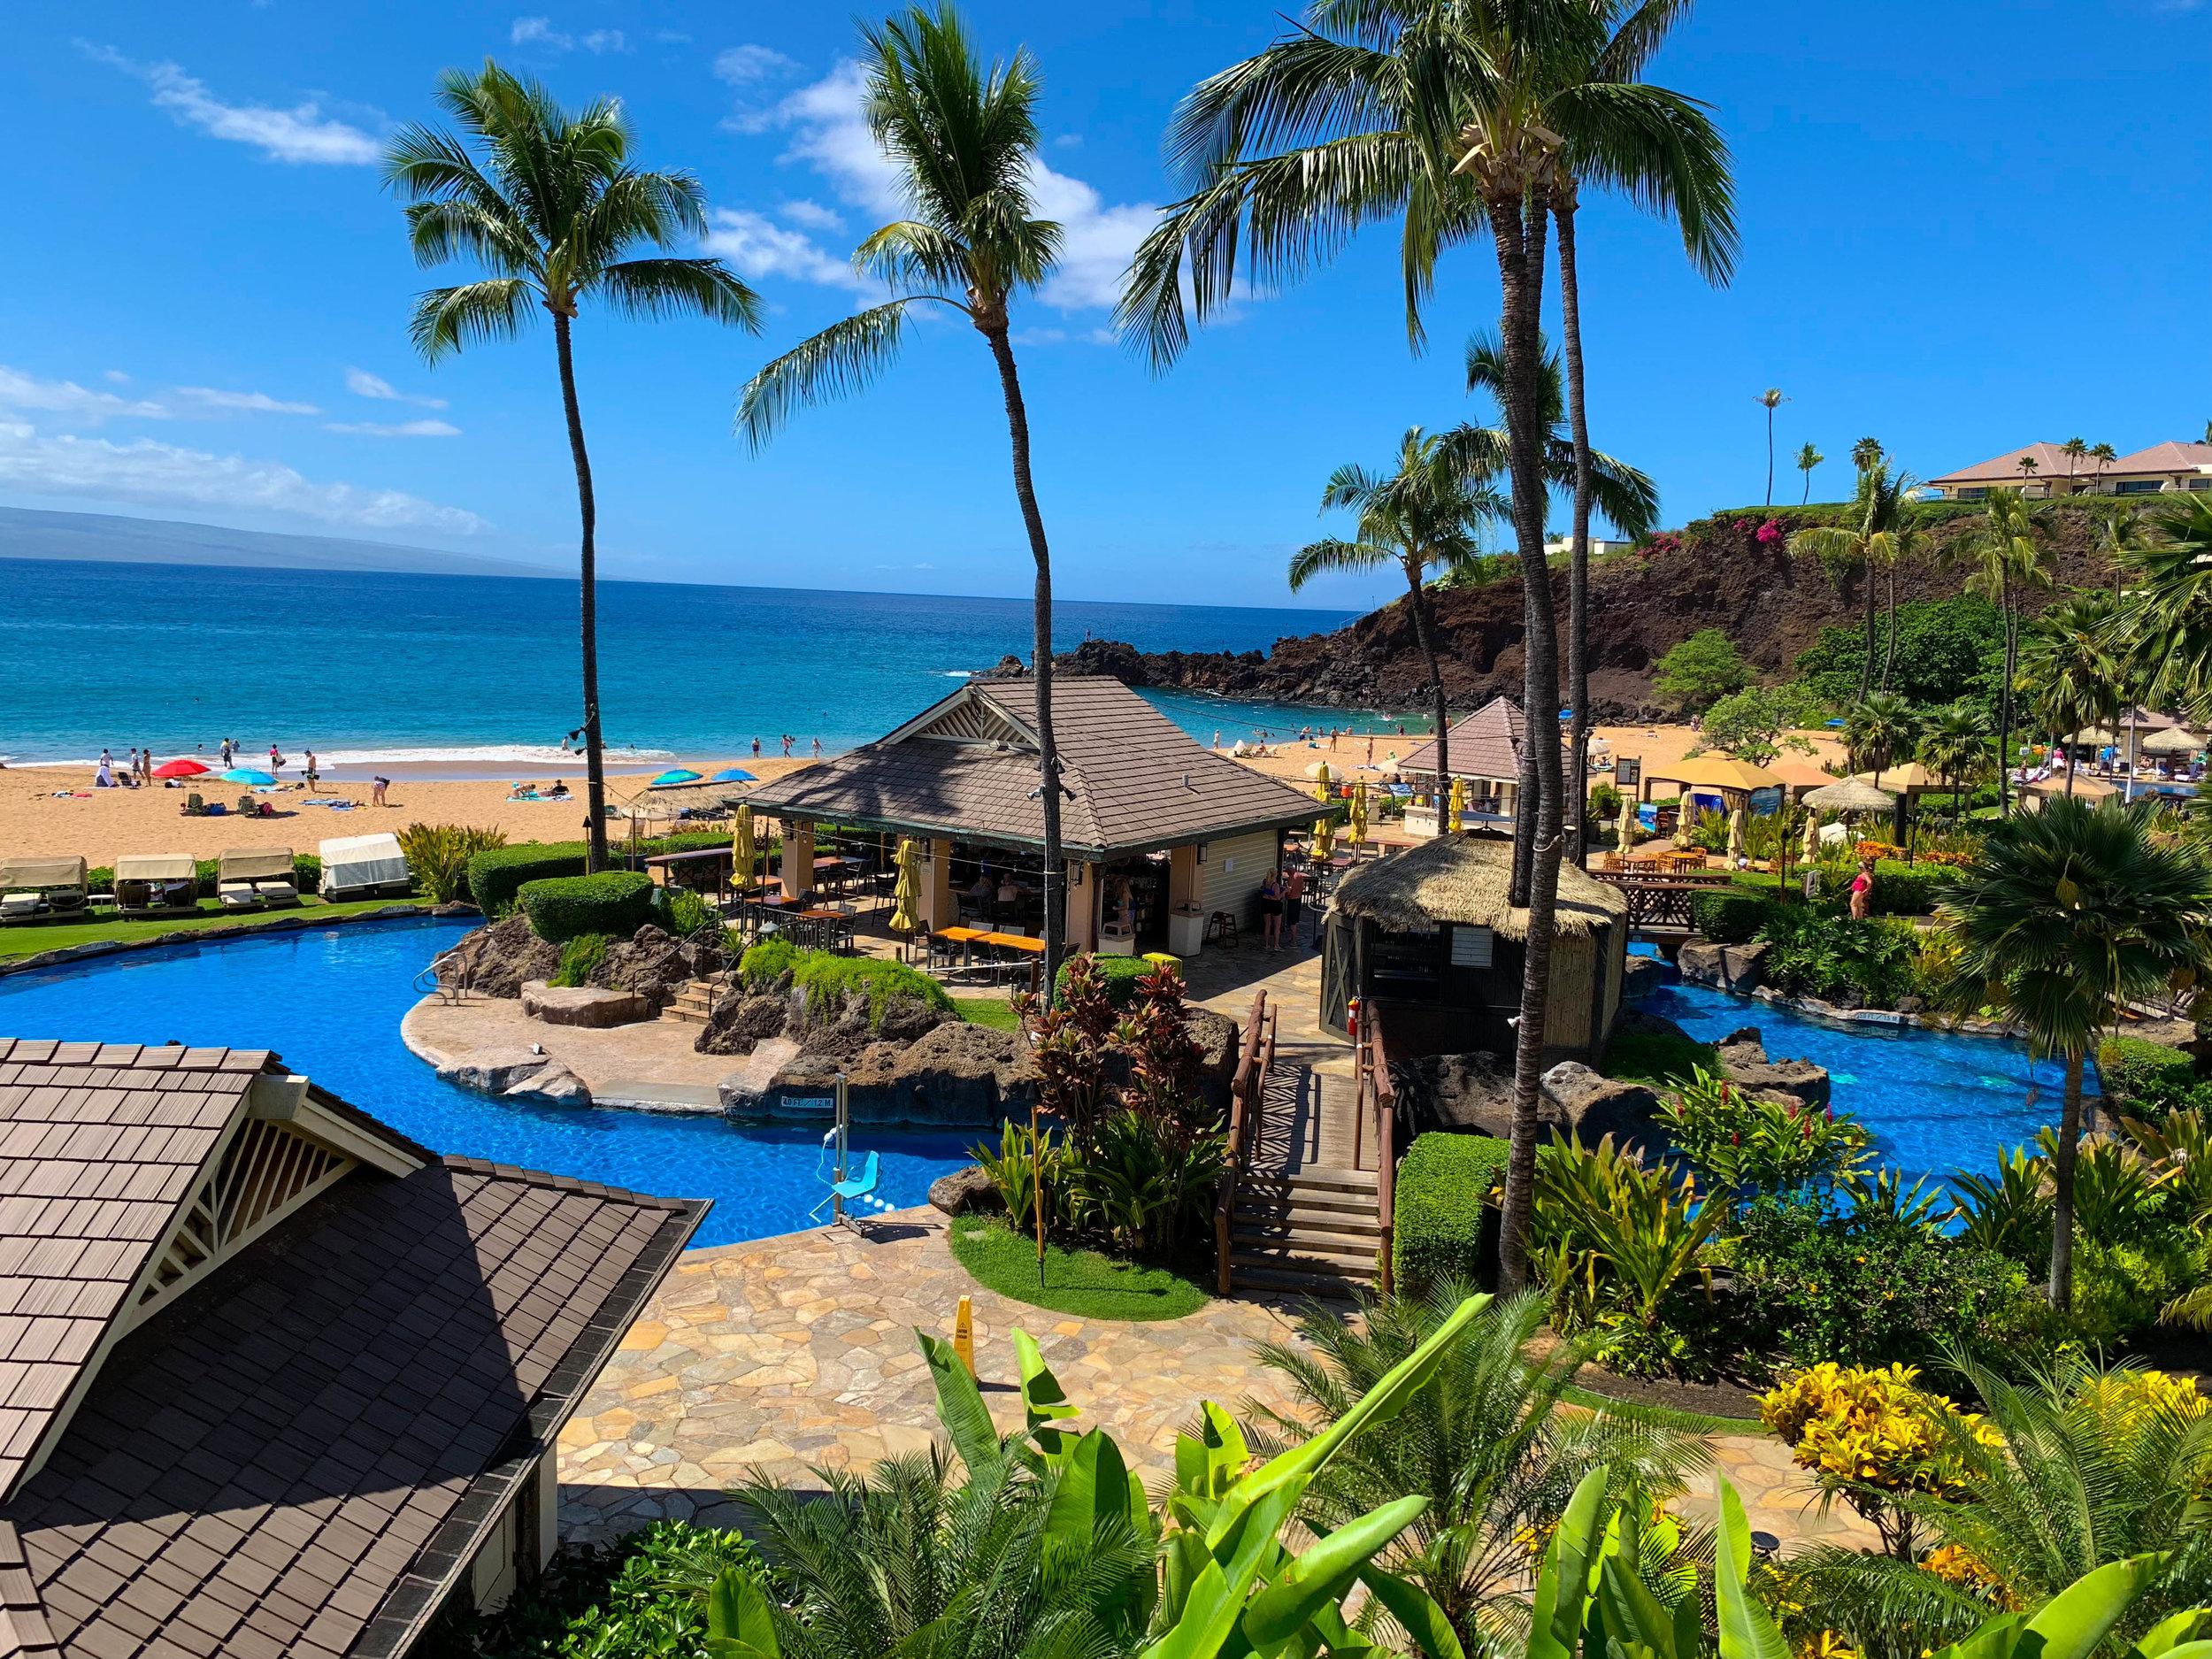 Maui Hawaii Sheraton Hotel - Itinerary